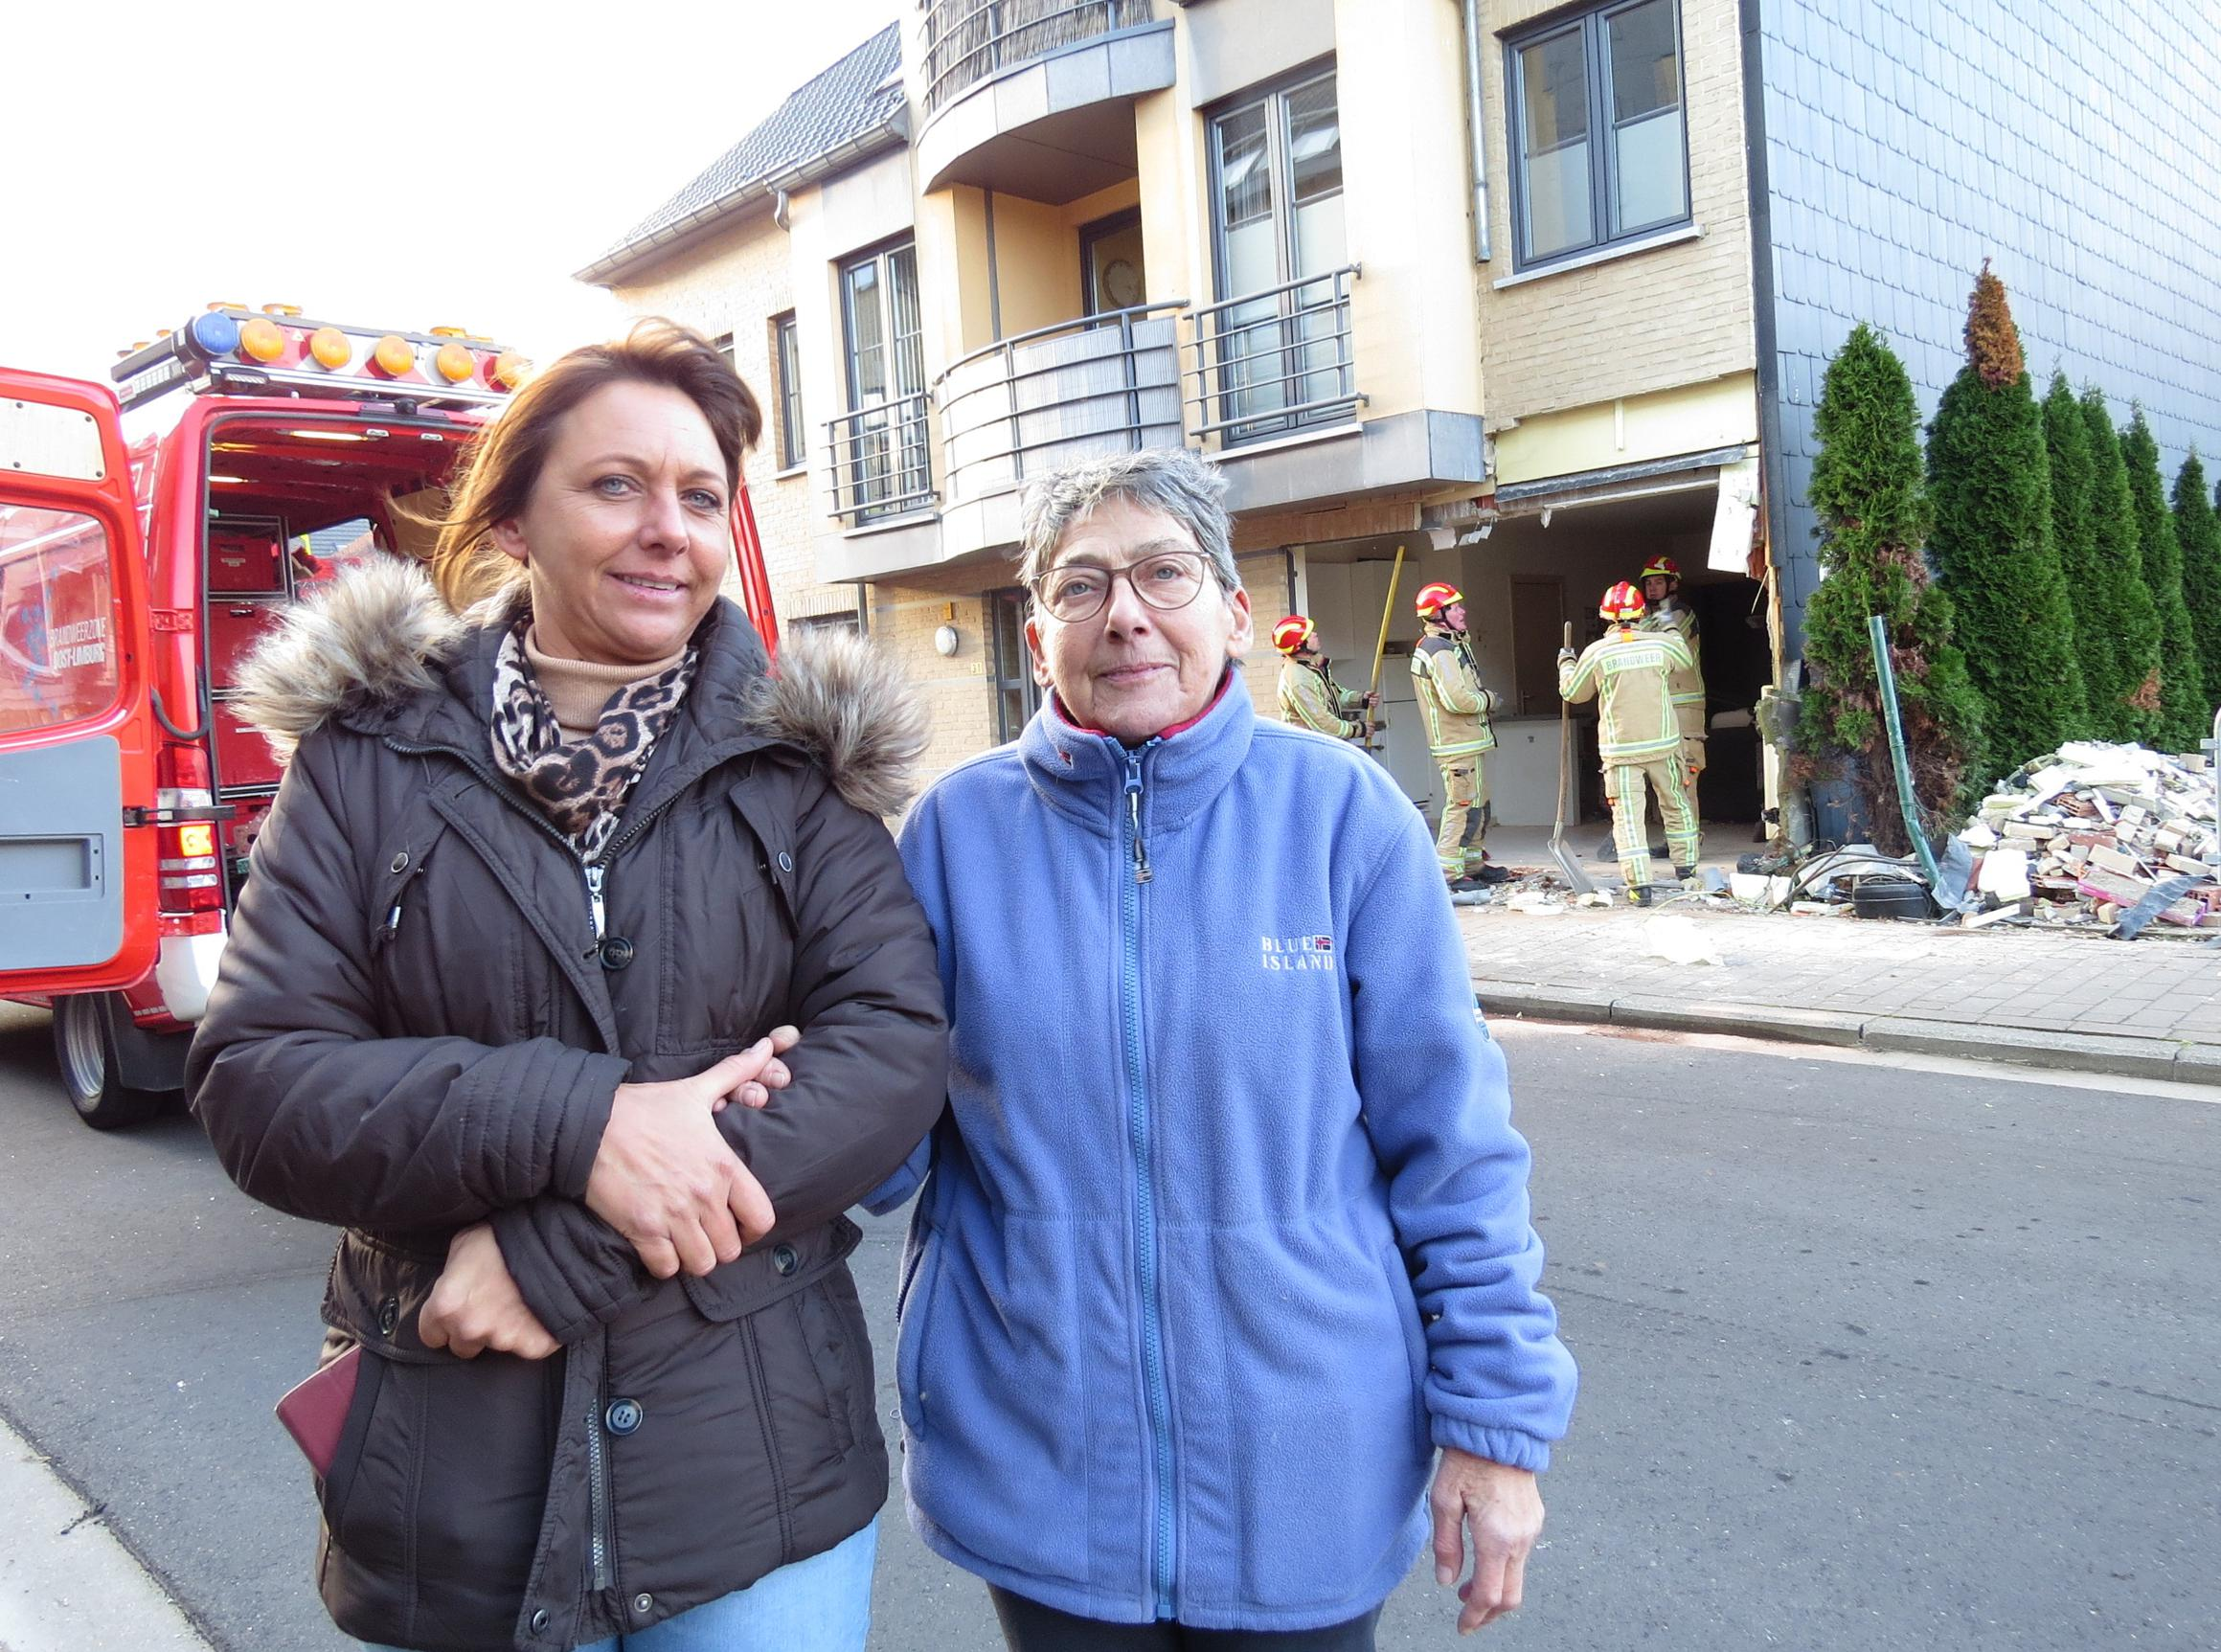 Auto boort zich door gevel appartementsblok